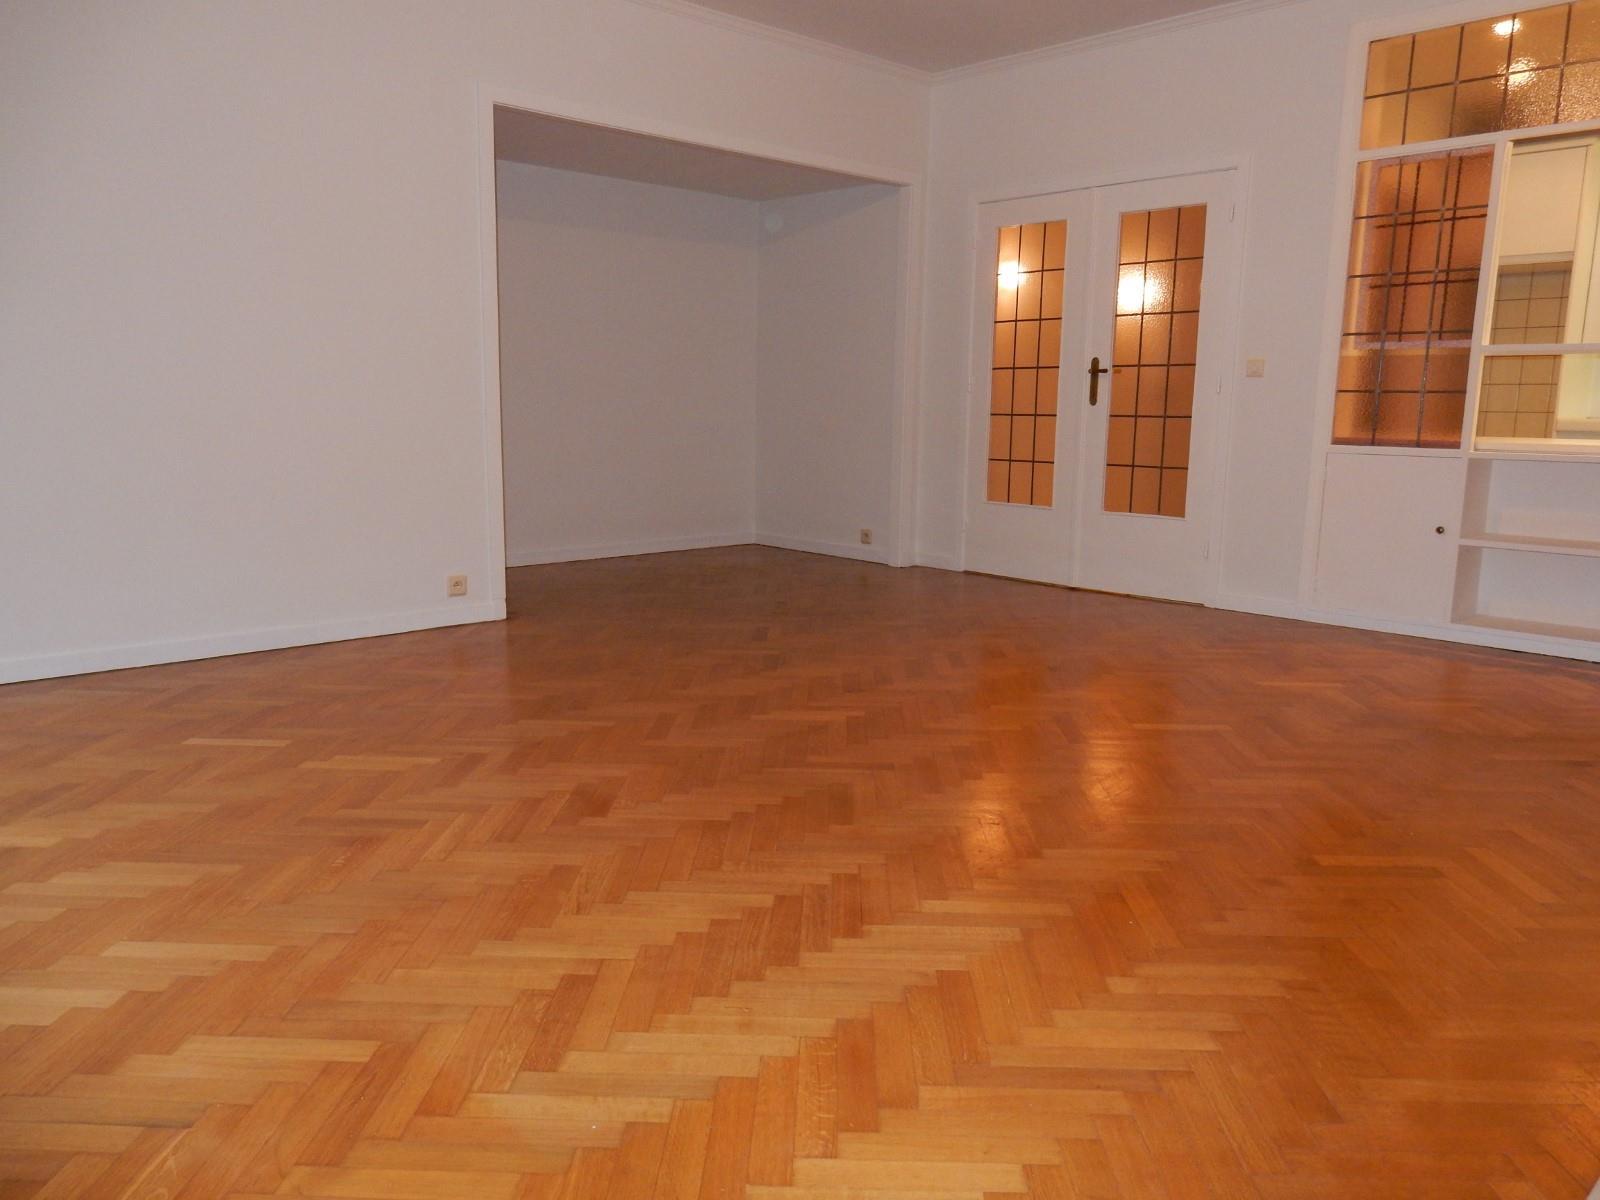 Flat - Ixelles - #3270517-3